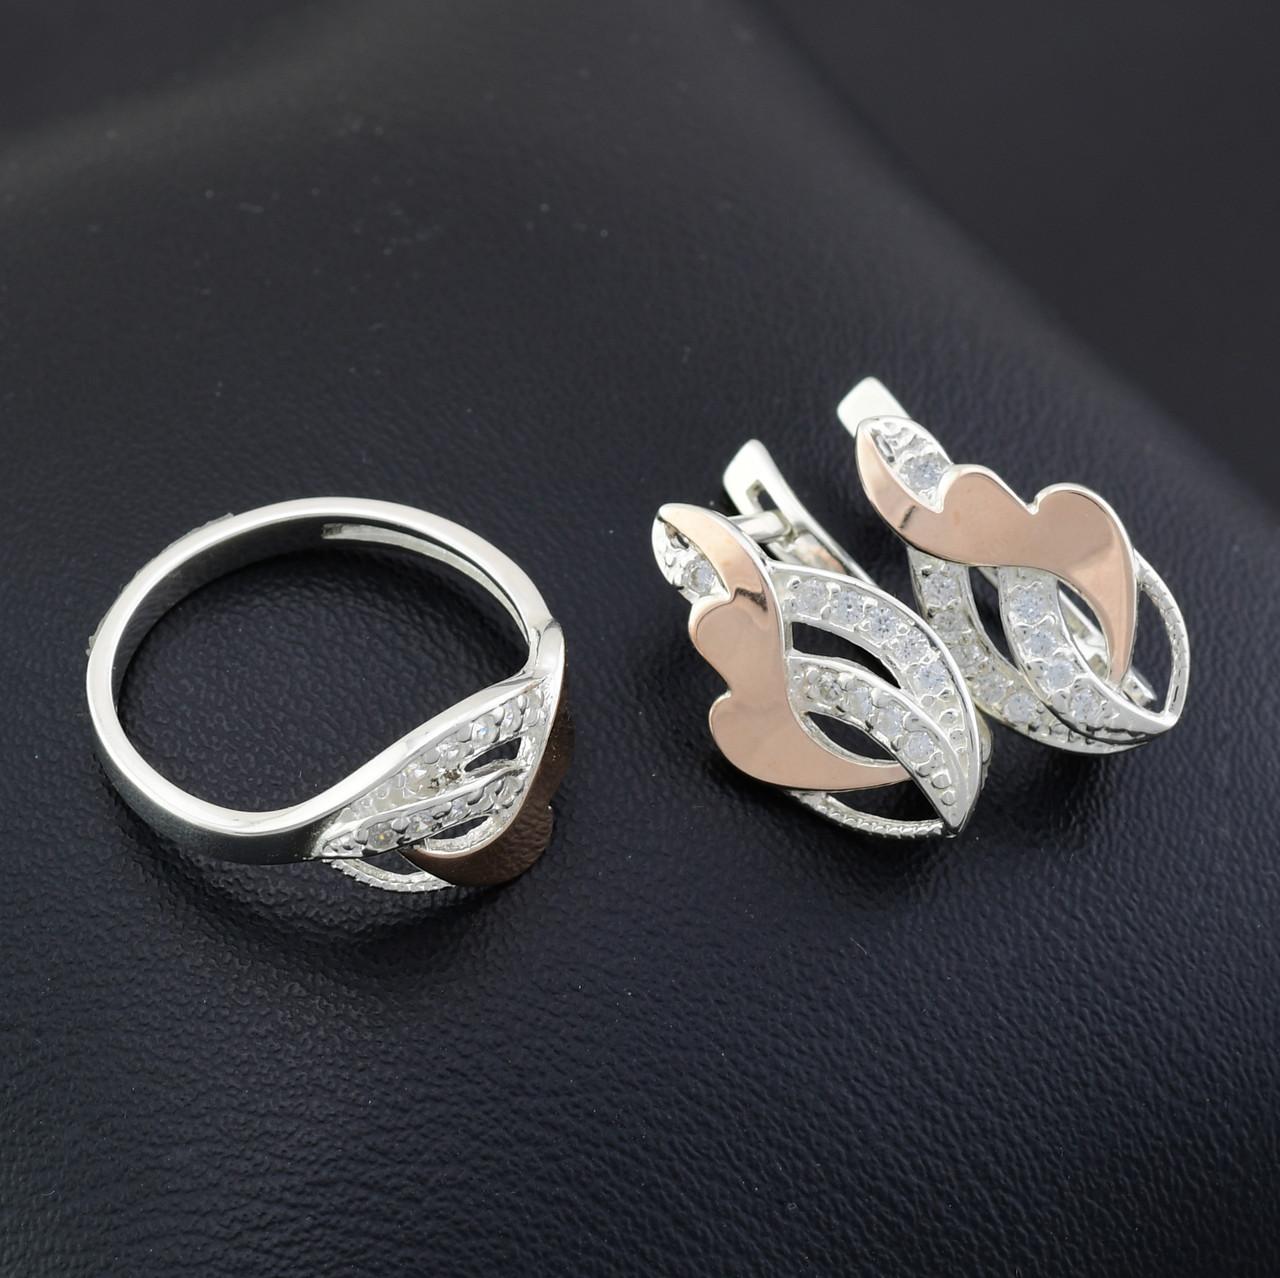 Серебряный набор с золотыми пластинами, кольцо размер 16.5 + серьги 20*11 мм